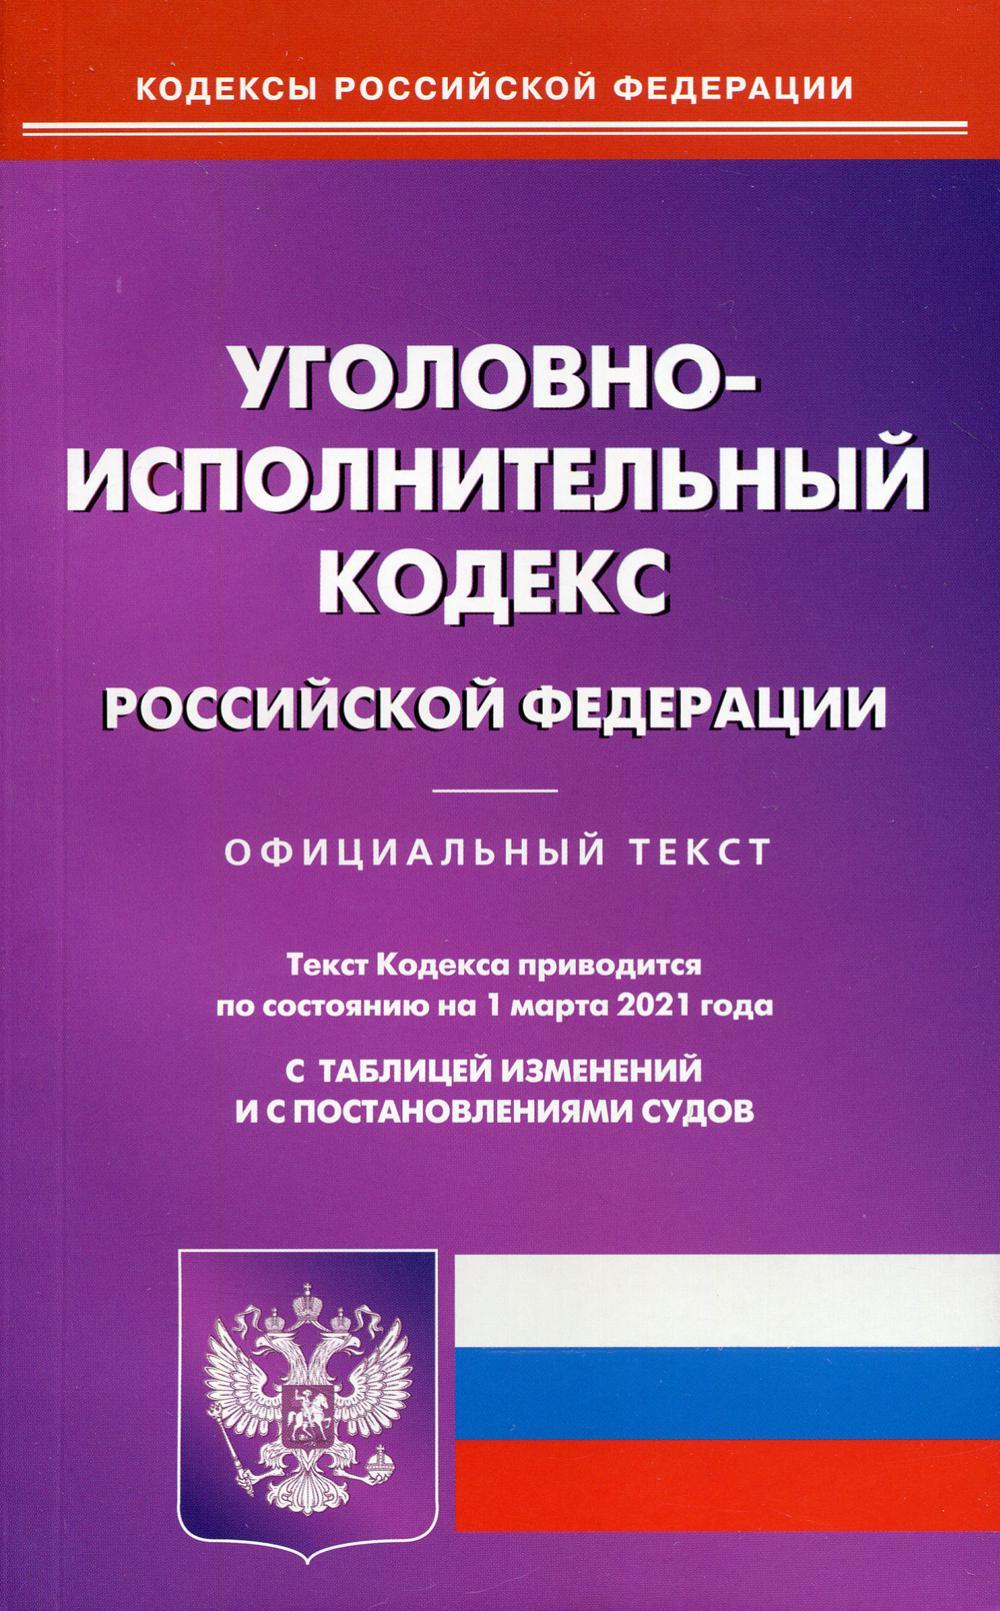 Уголовно-исполнительный кодекс РФ (по сост. на 01.03.21 г.)